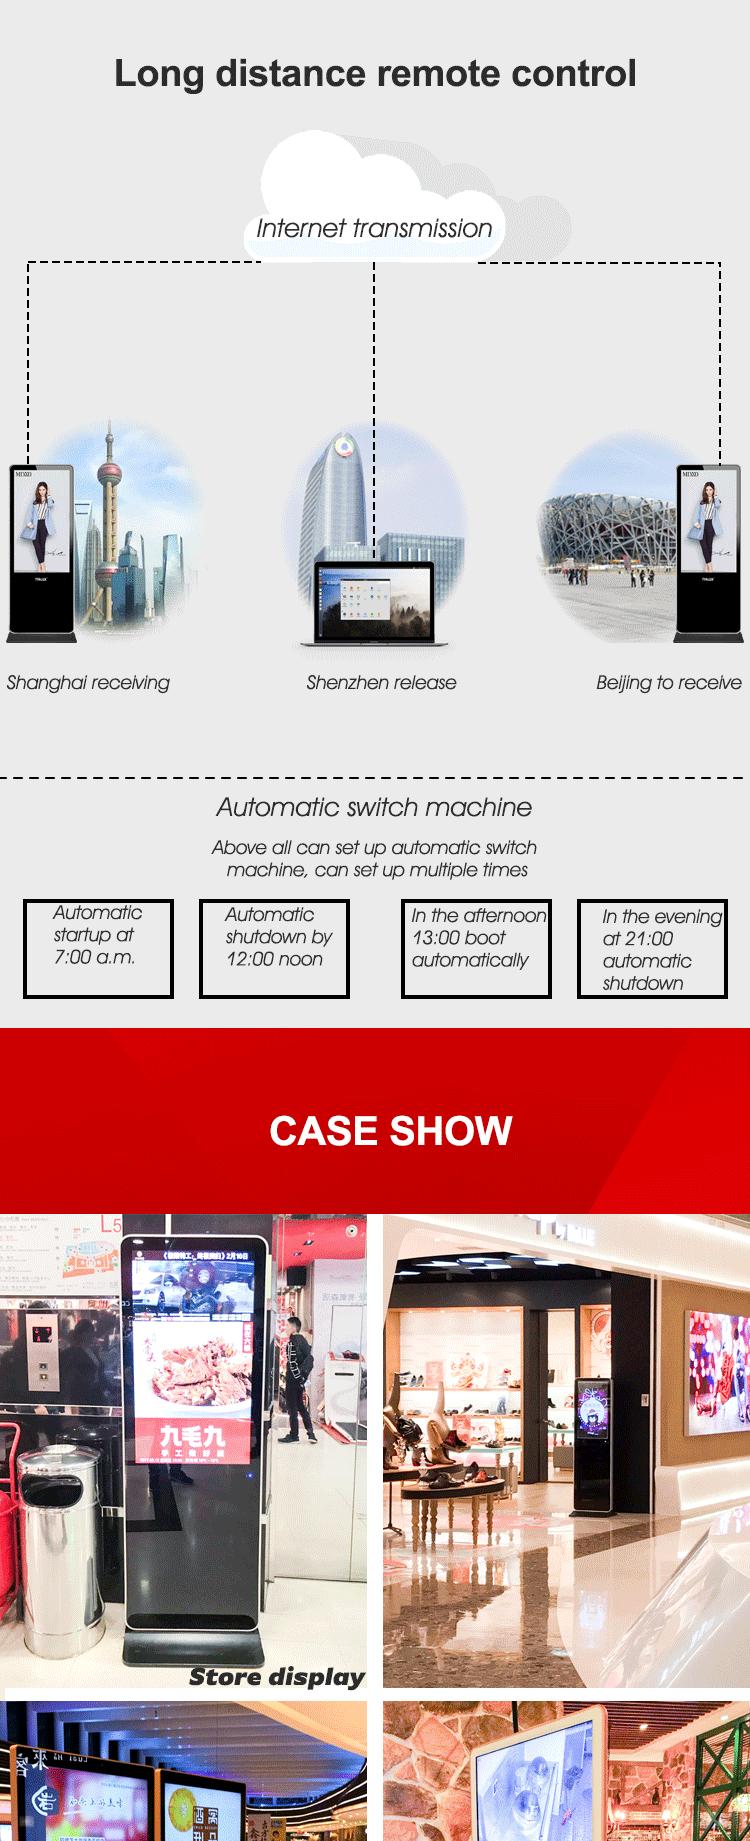 remote control of digital signage kiosk.png